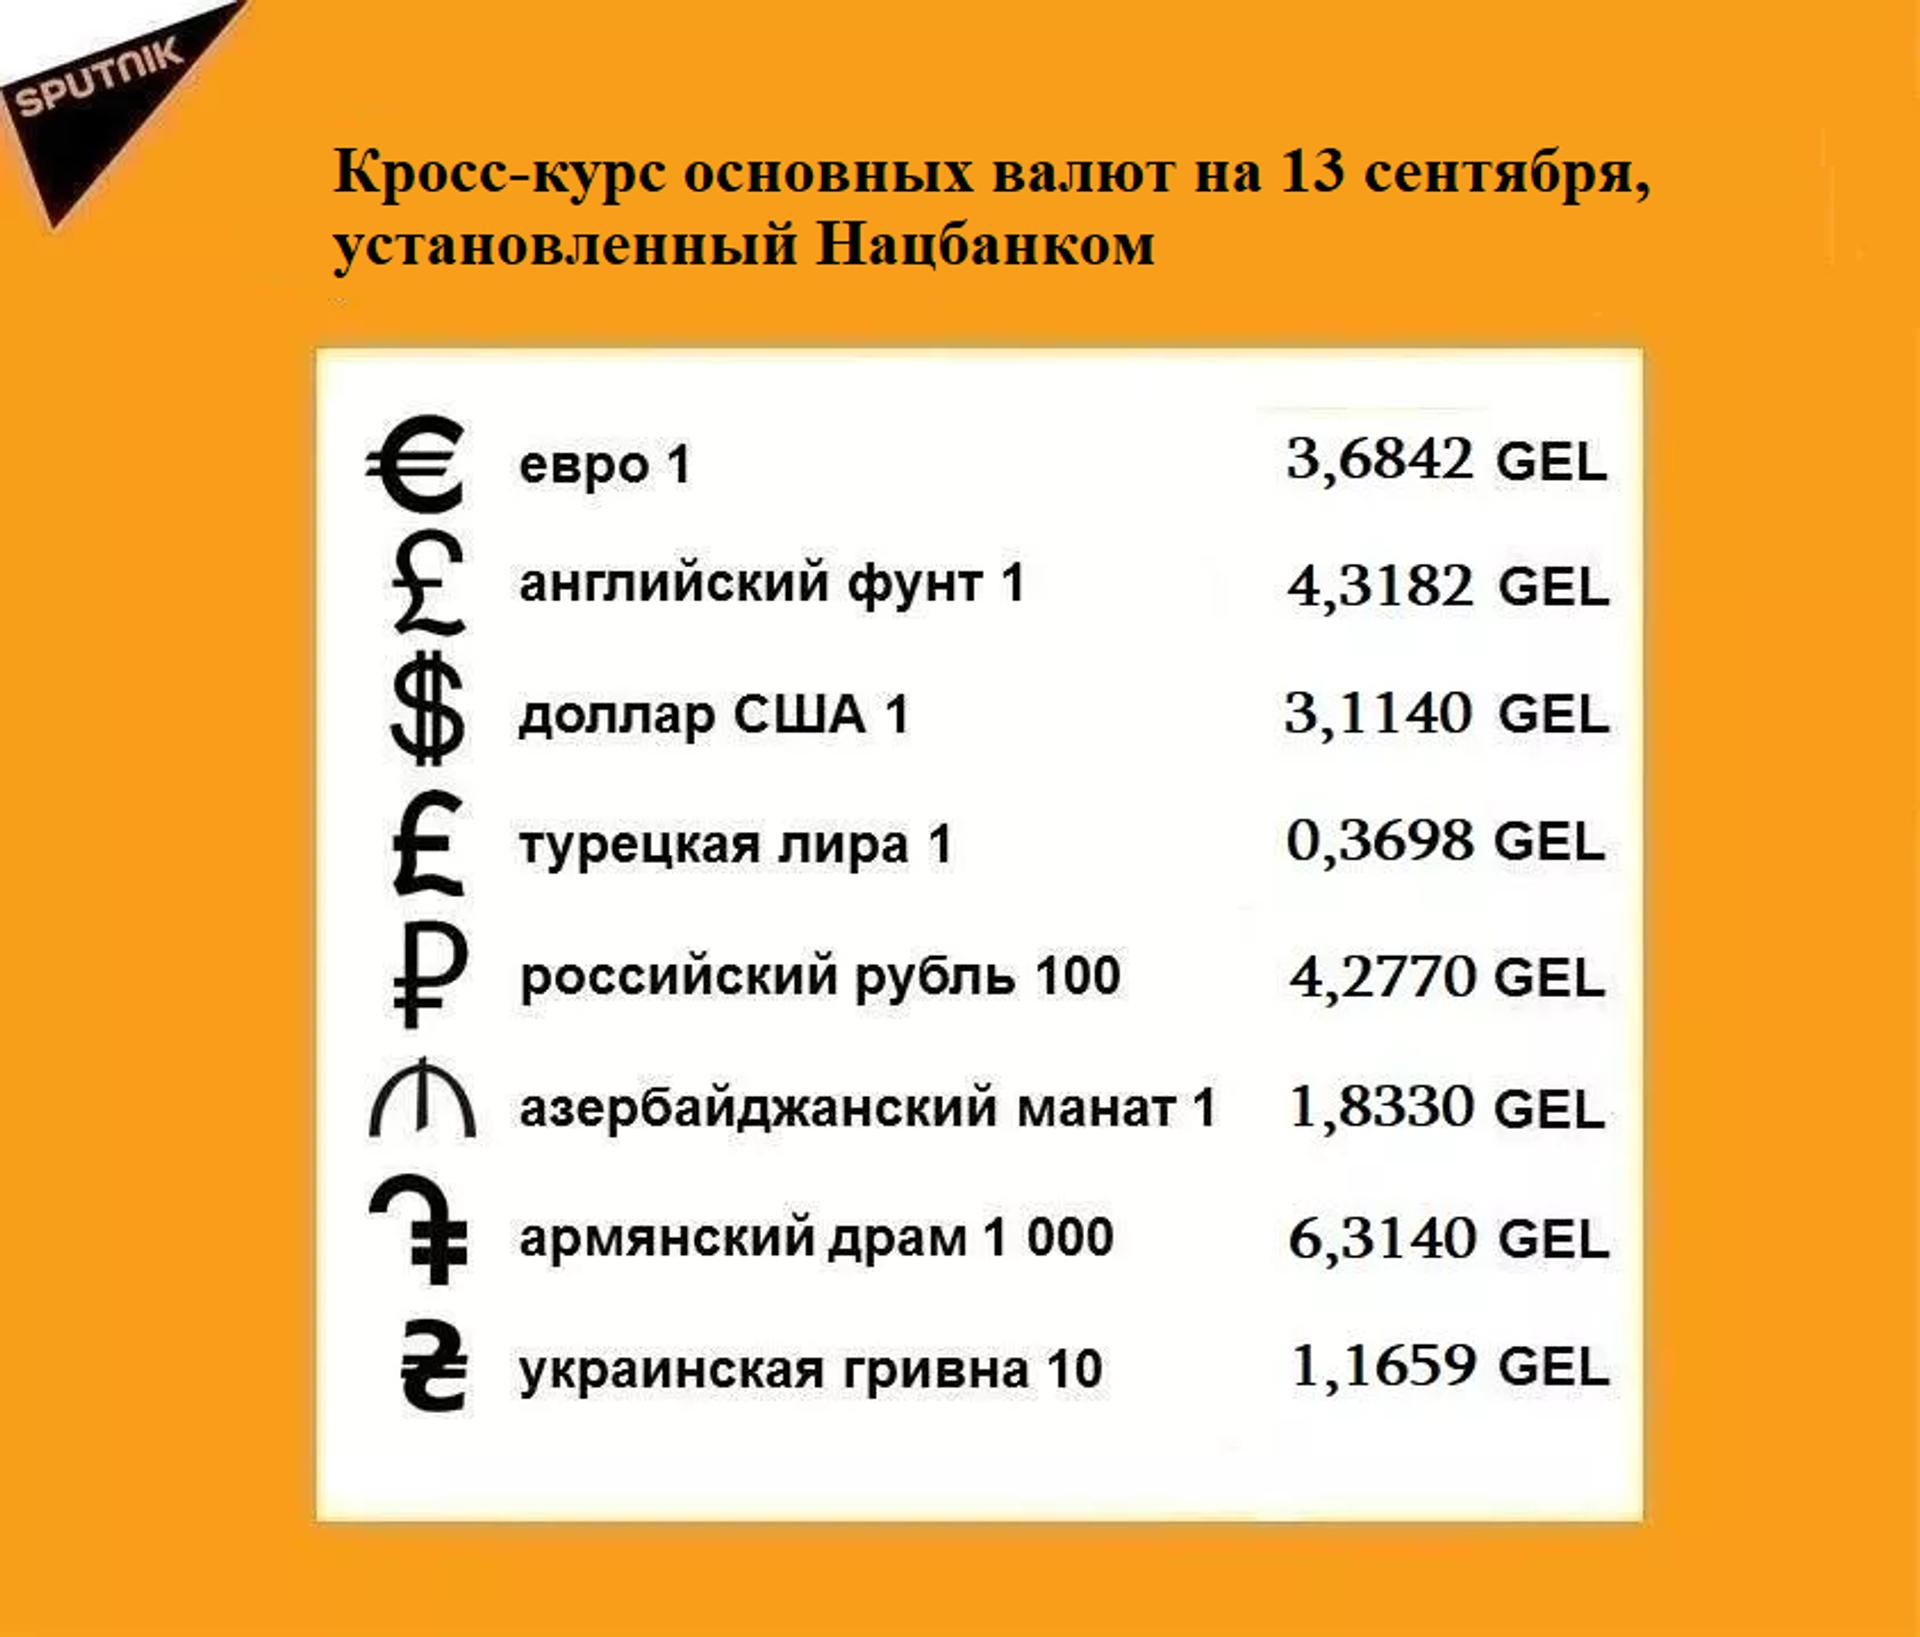 Кросс-курс основных валют на 13 сентября - Sputnik Грузия, 1920, 14.09.2021